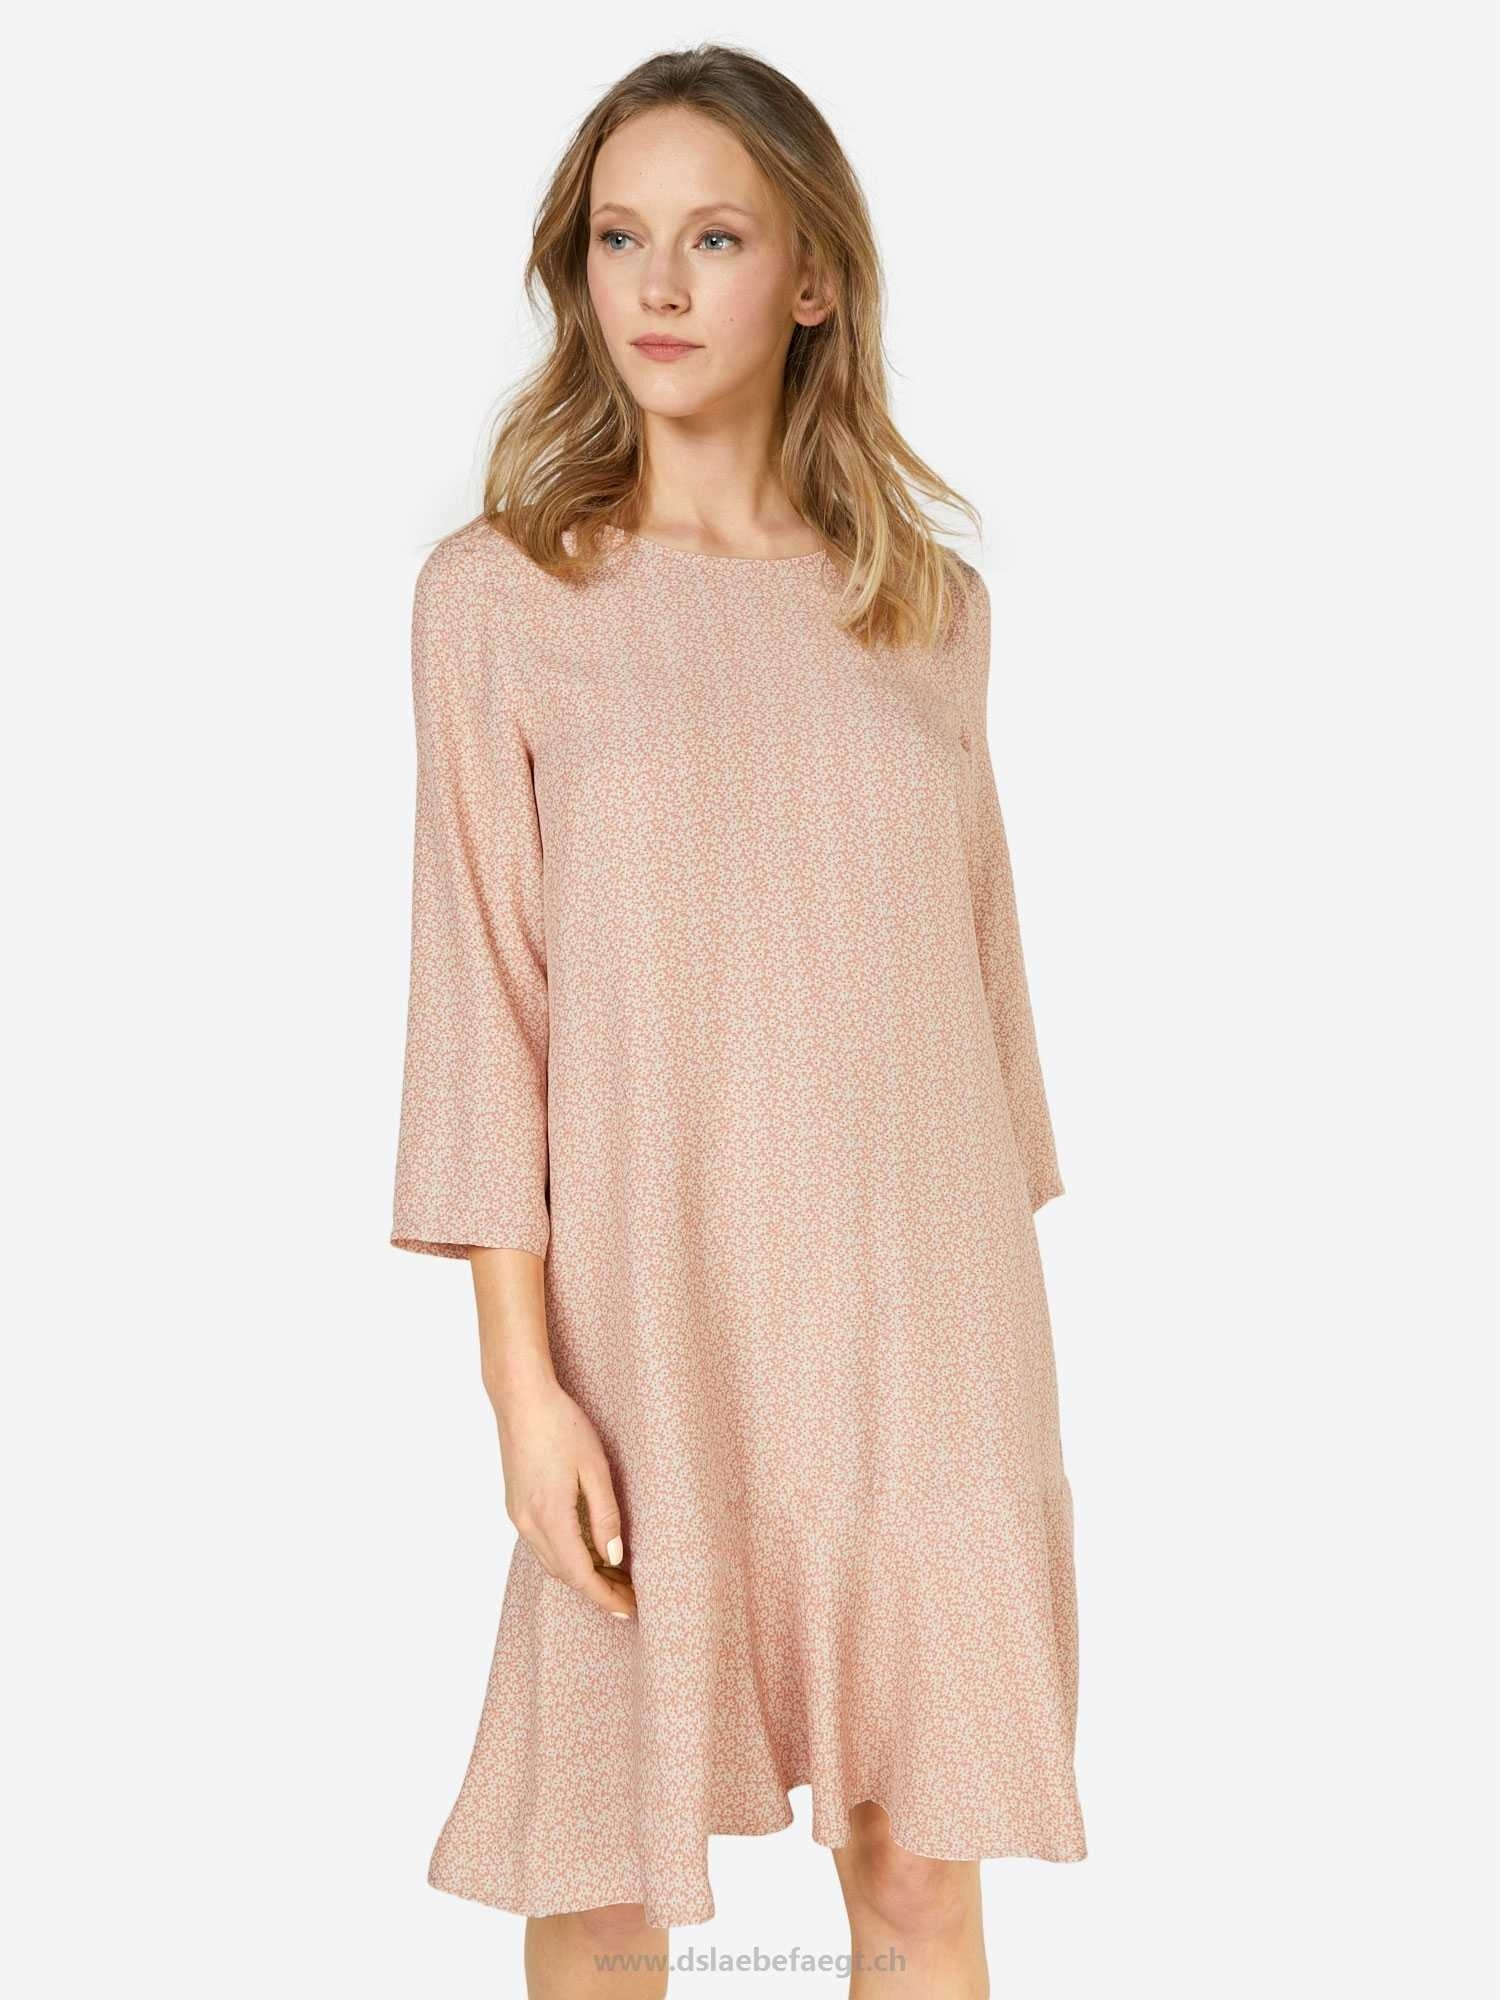 10 Einfach Damenkleider Gr 44 ÄrmelFormal Großartig Damenkleider Gr 44 Spezialgebiet